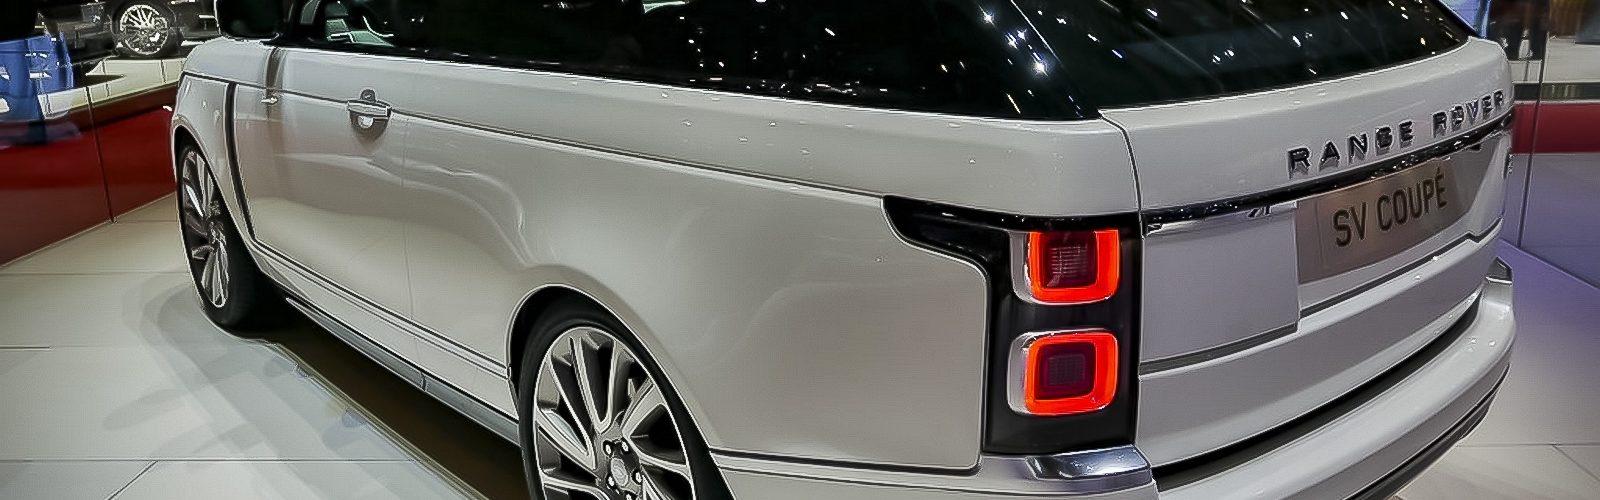 Geneve 2018 Land Rover LeNouvelAutomobiliste 05